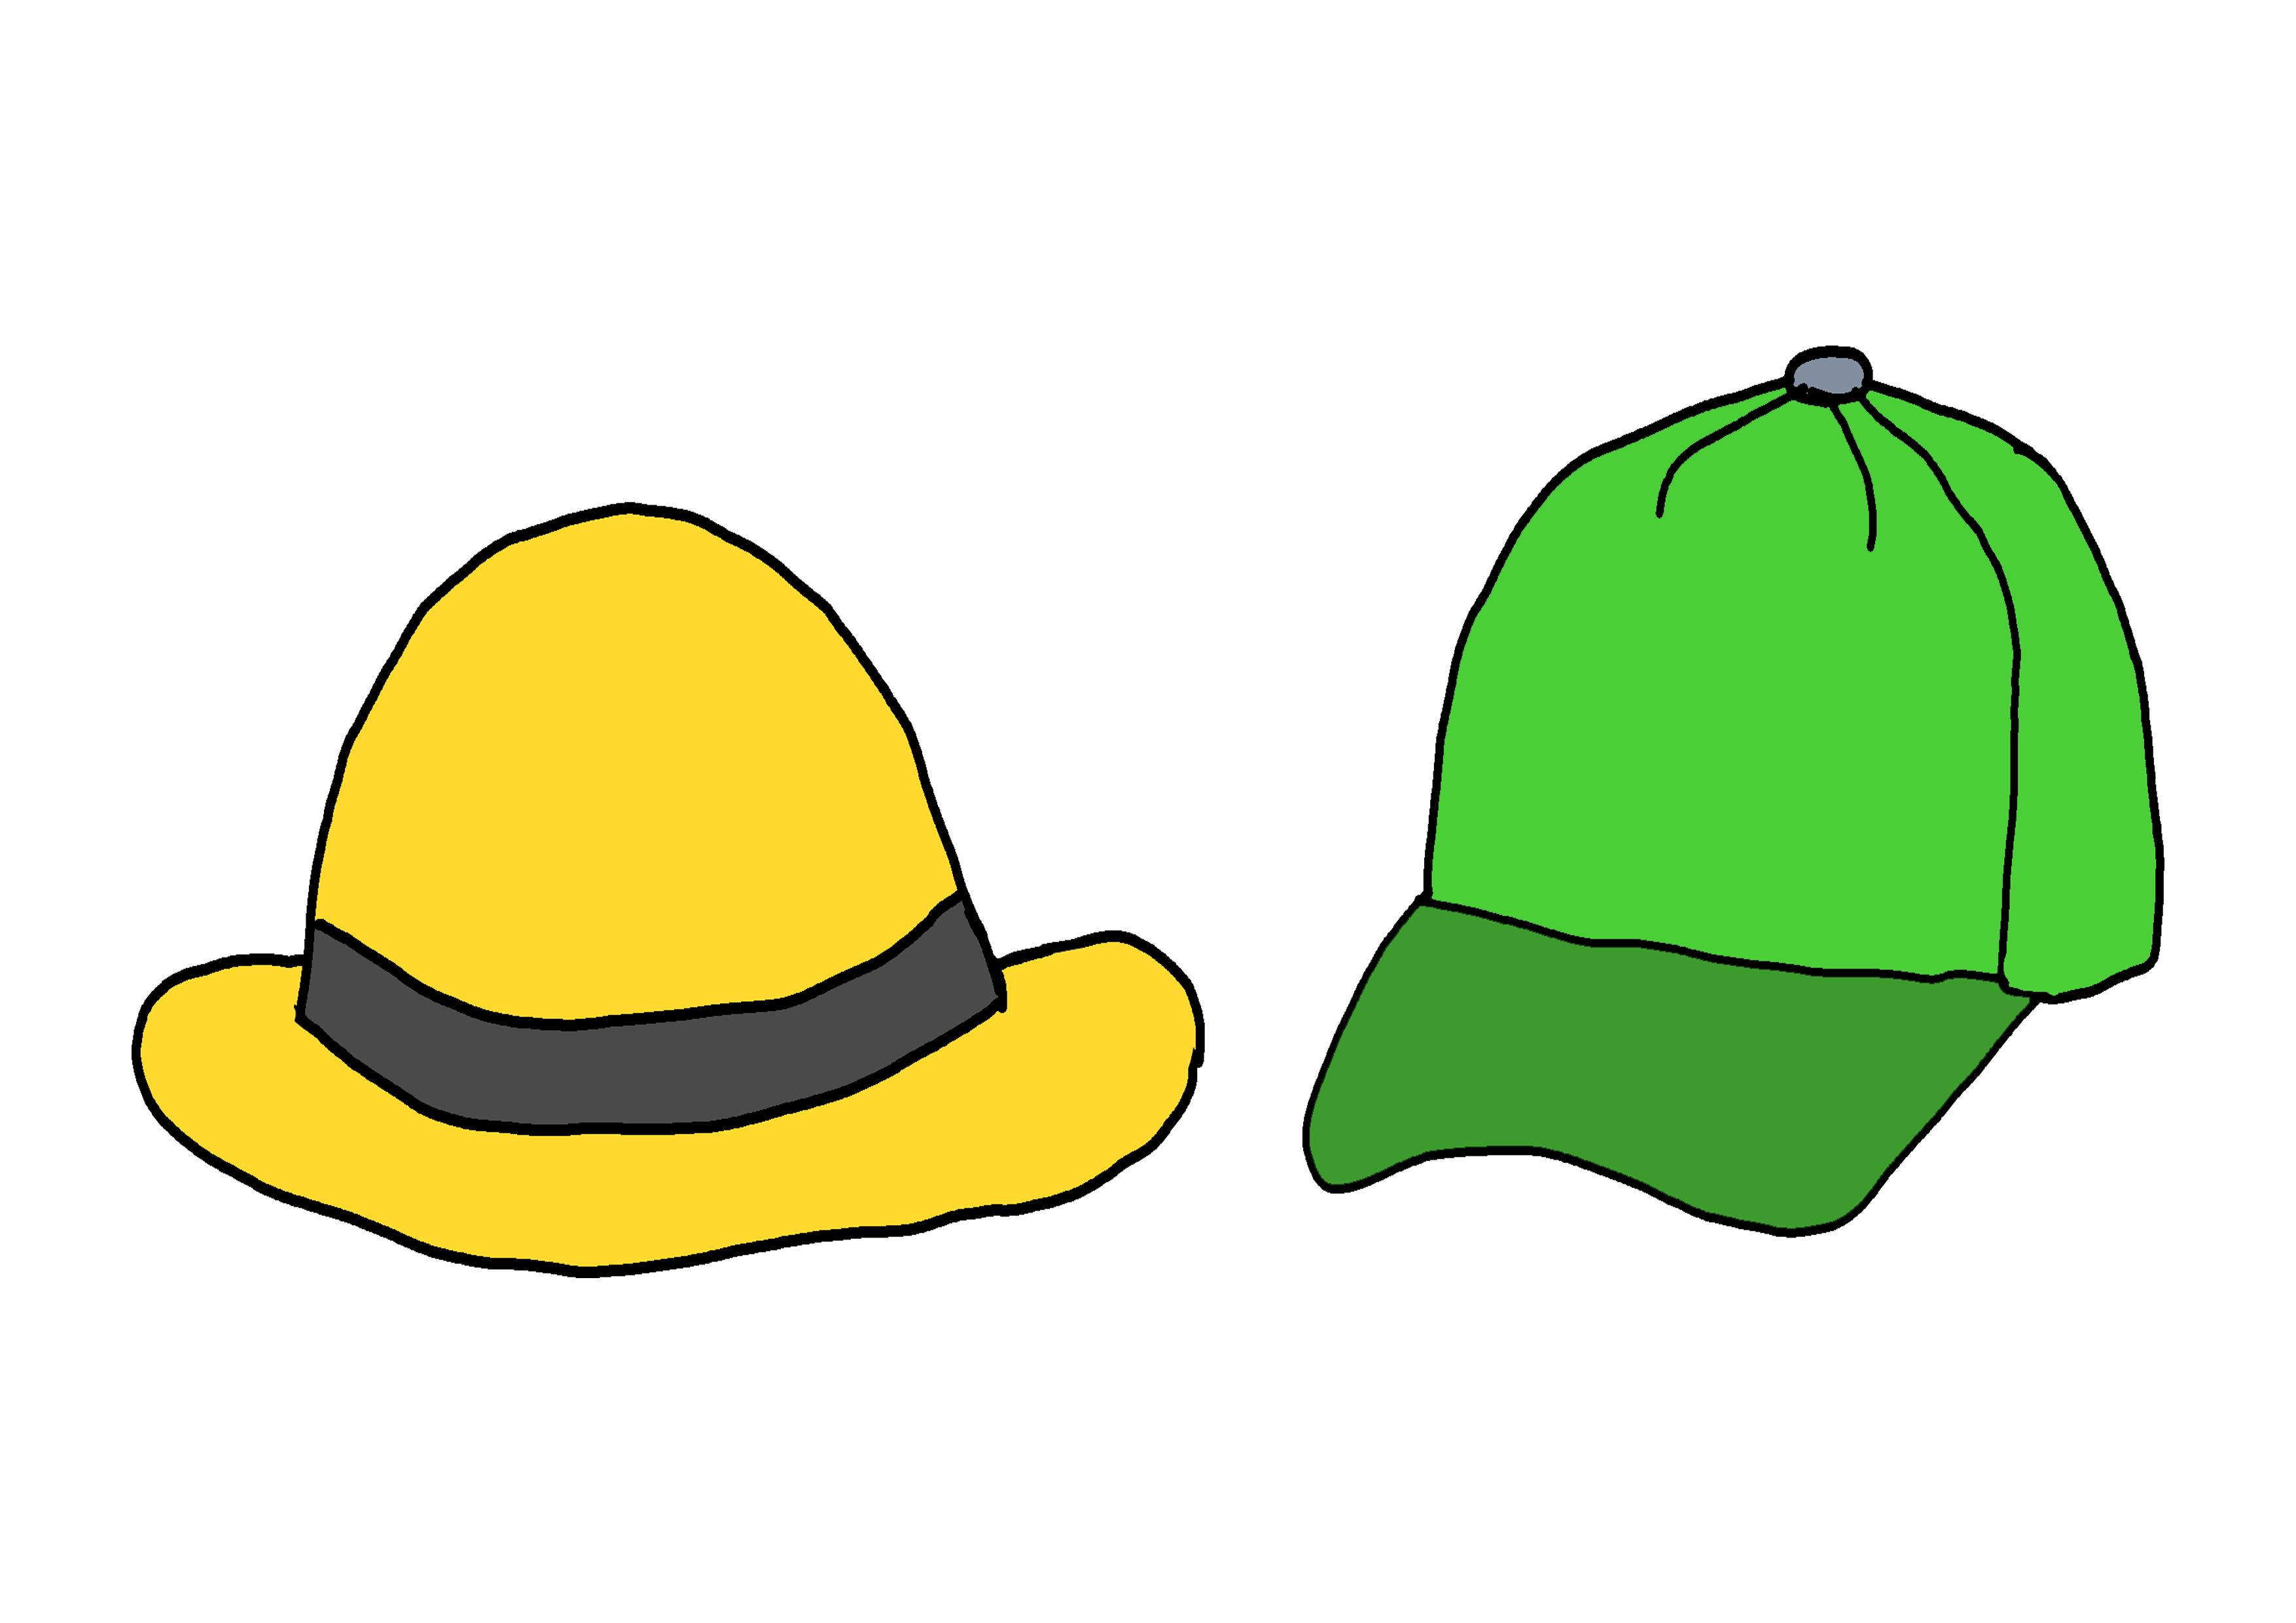 イラスト【帽子】